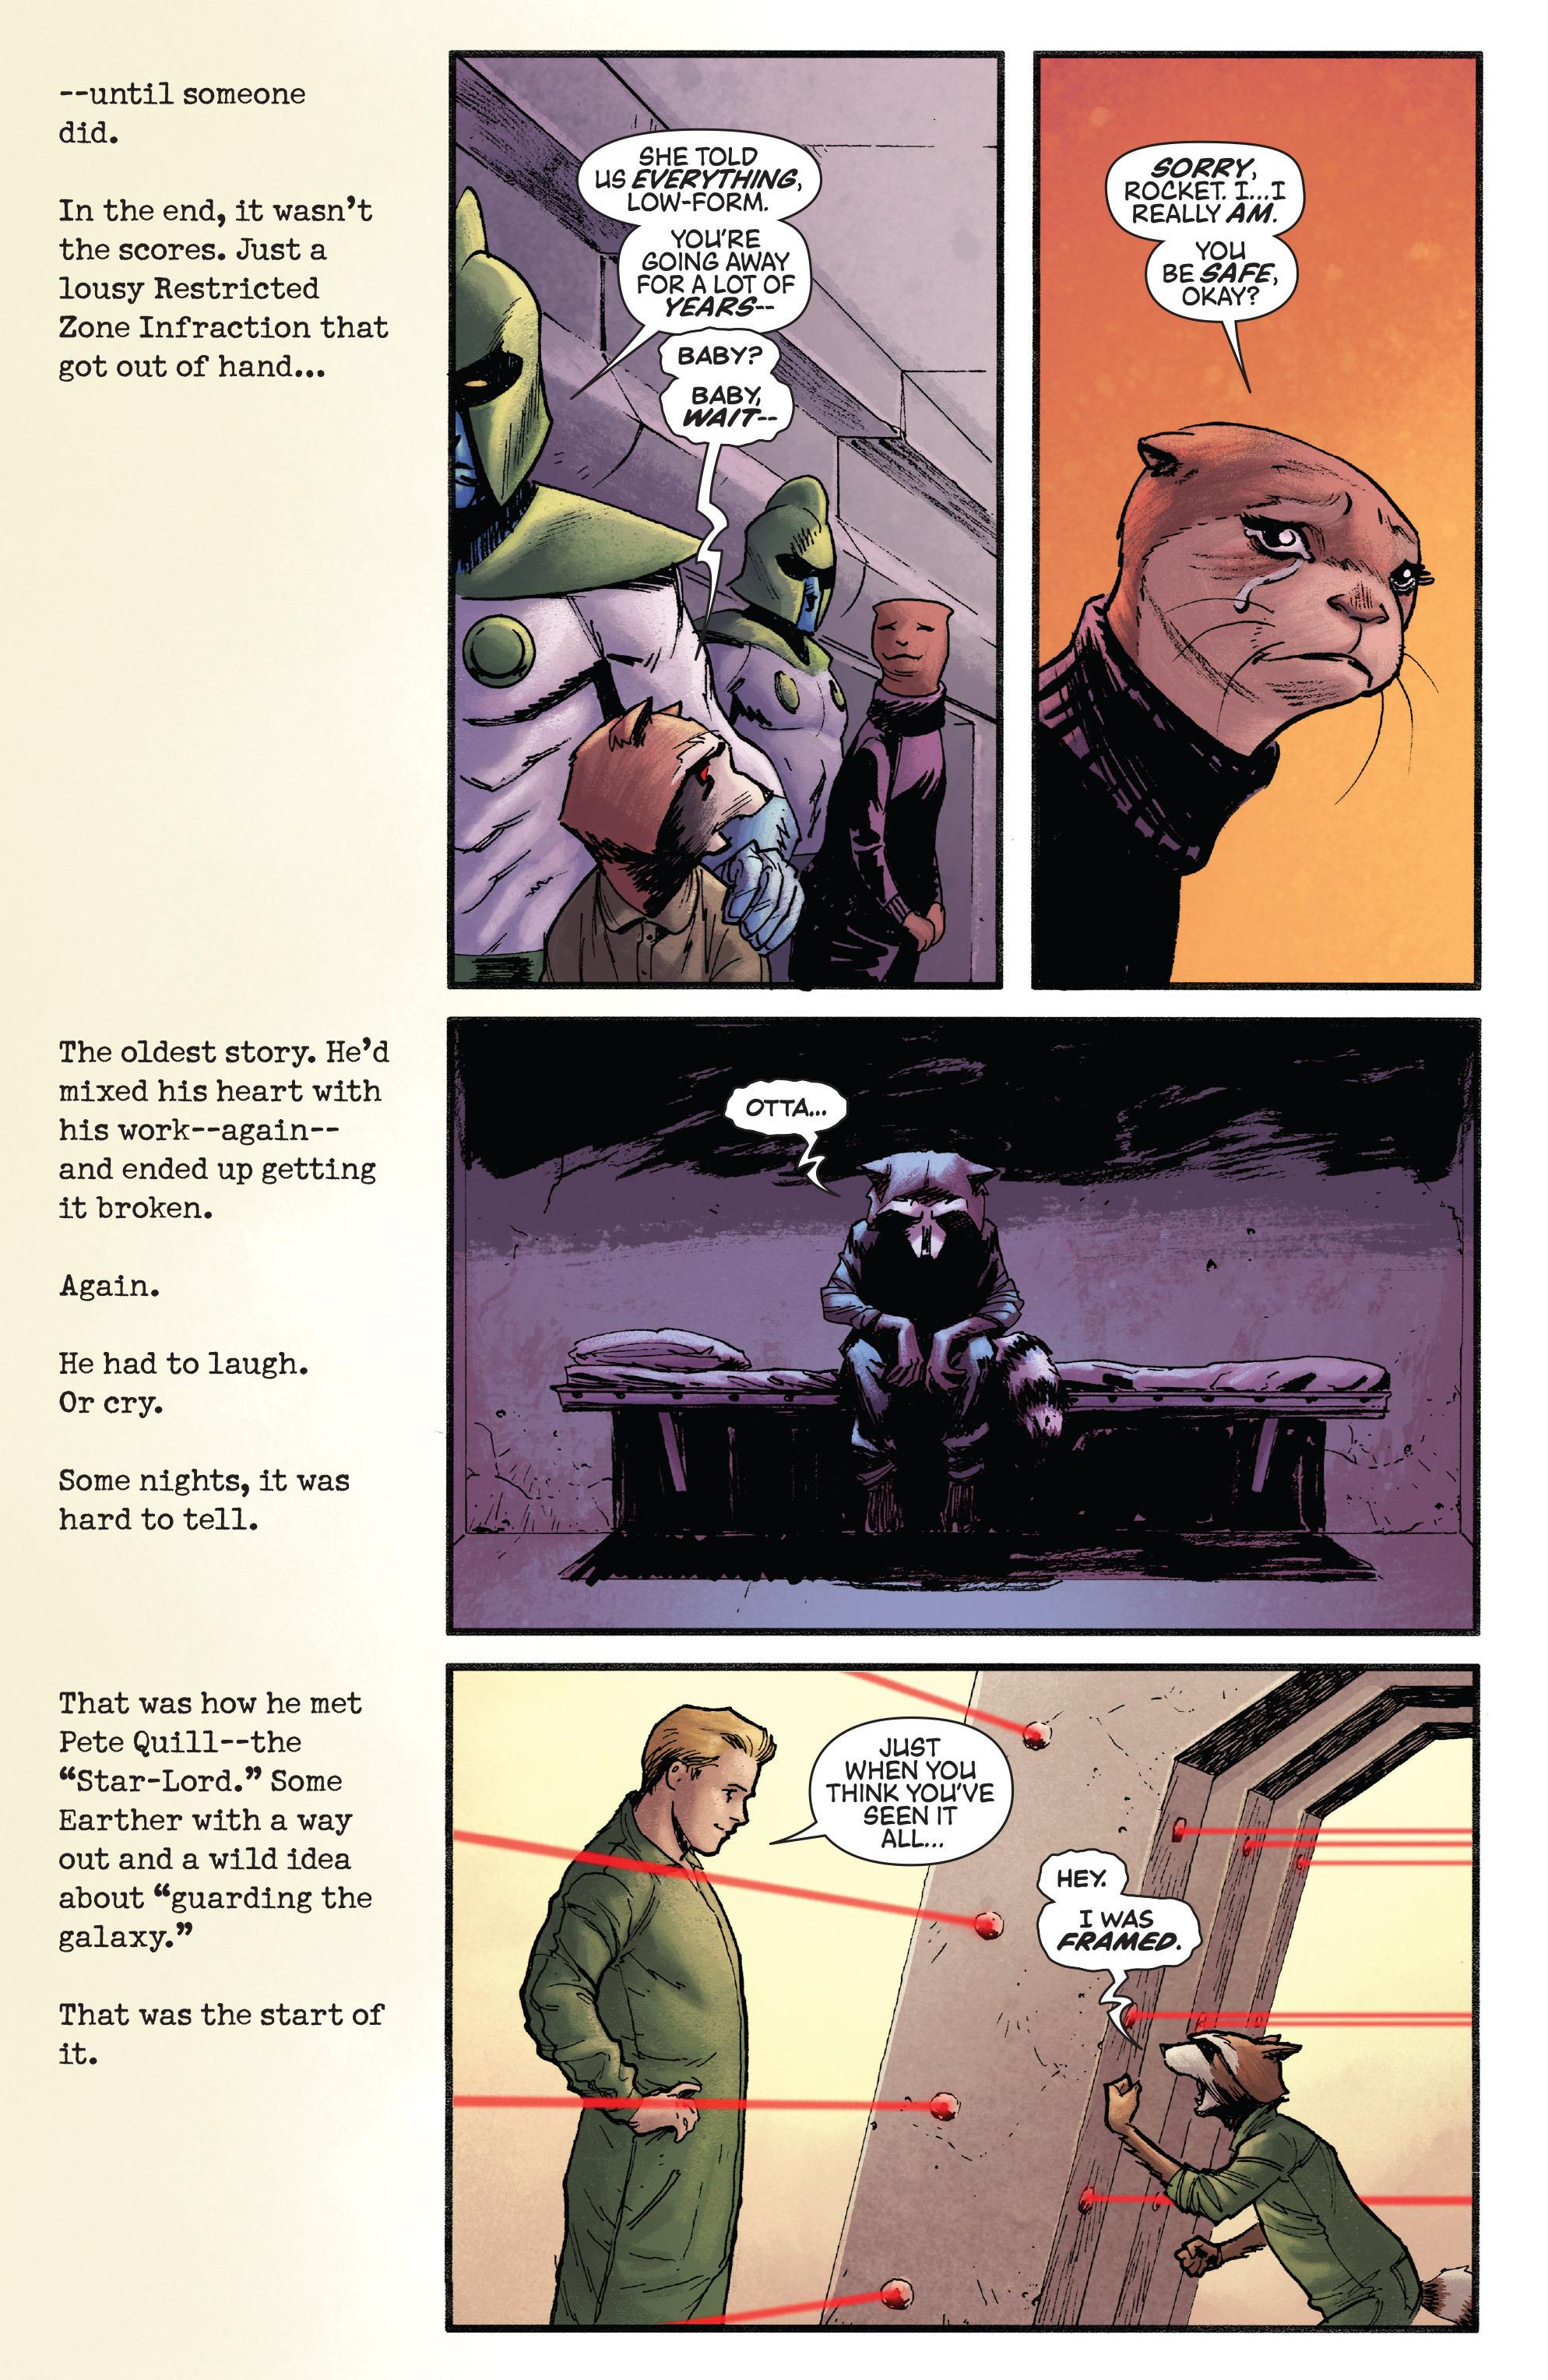 Read online Rocket comic -  Issue #1 - 8